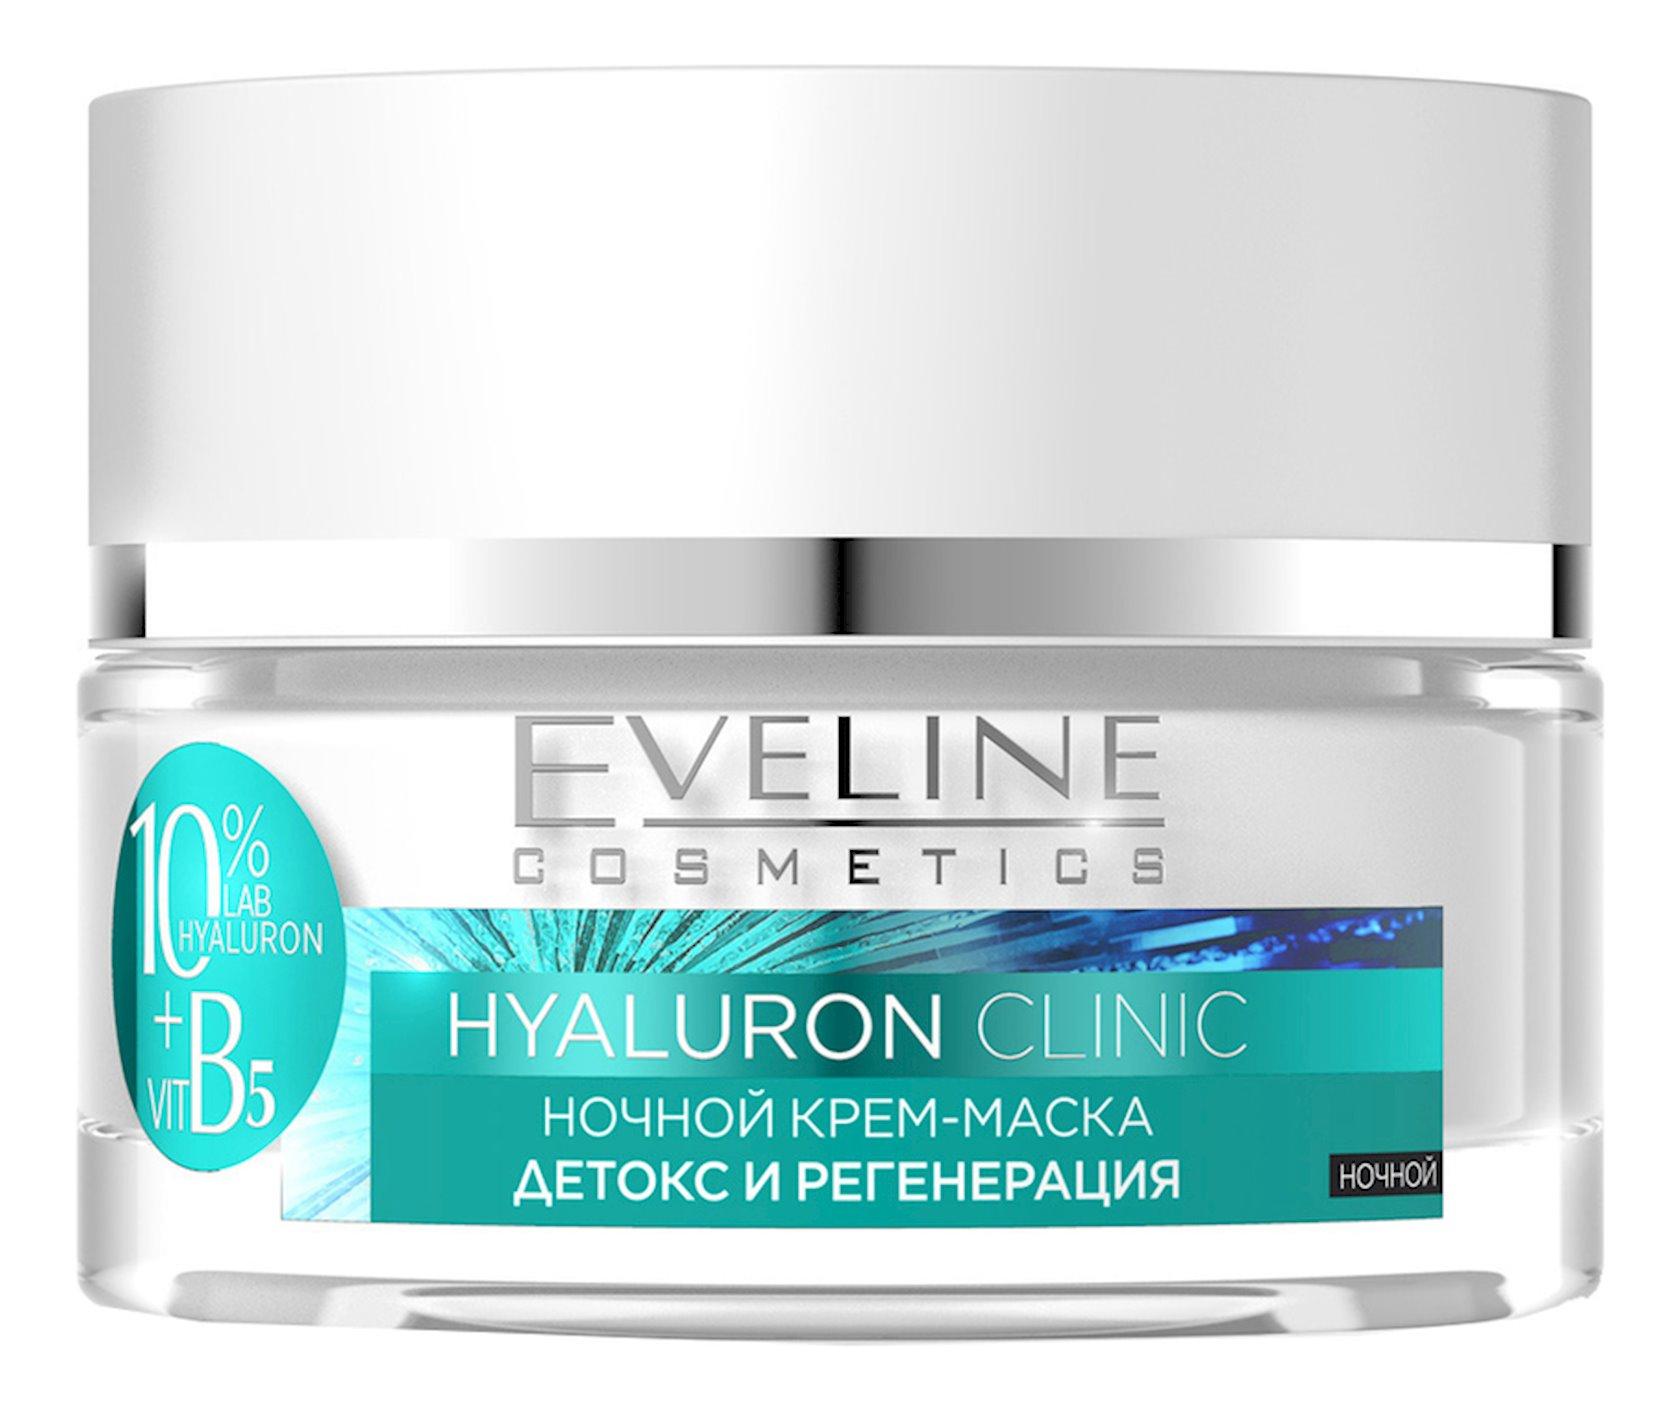 Gecə krem-maskası üz üçün  Eveline Cosmetics Hyaluron Clinic